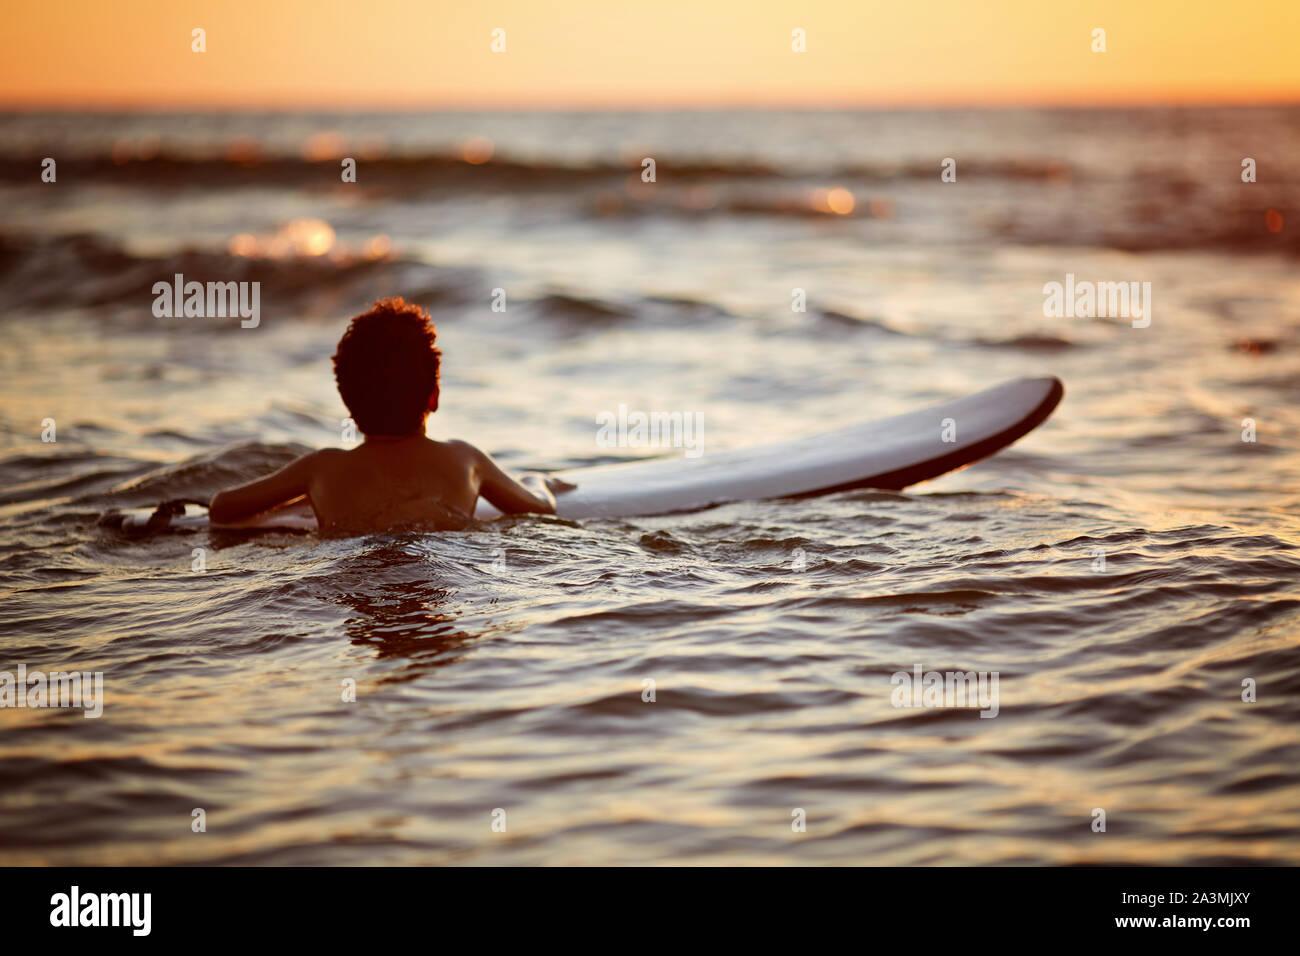 Jeune homme équitation vague au coucher du soleil. Mode de vie actif en plein air. Le surf au coucher du soleil Banque D'Images